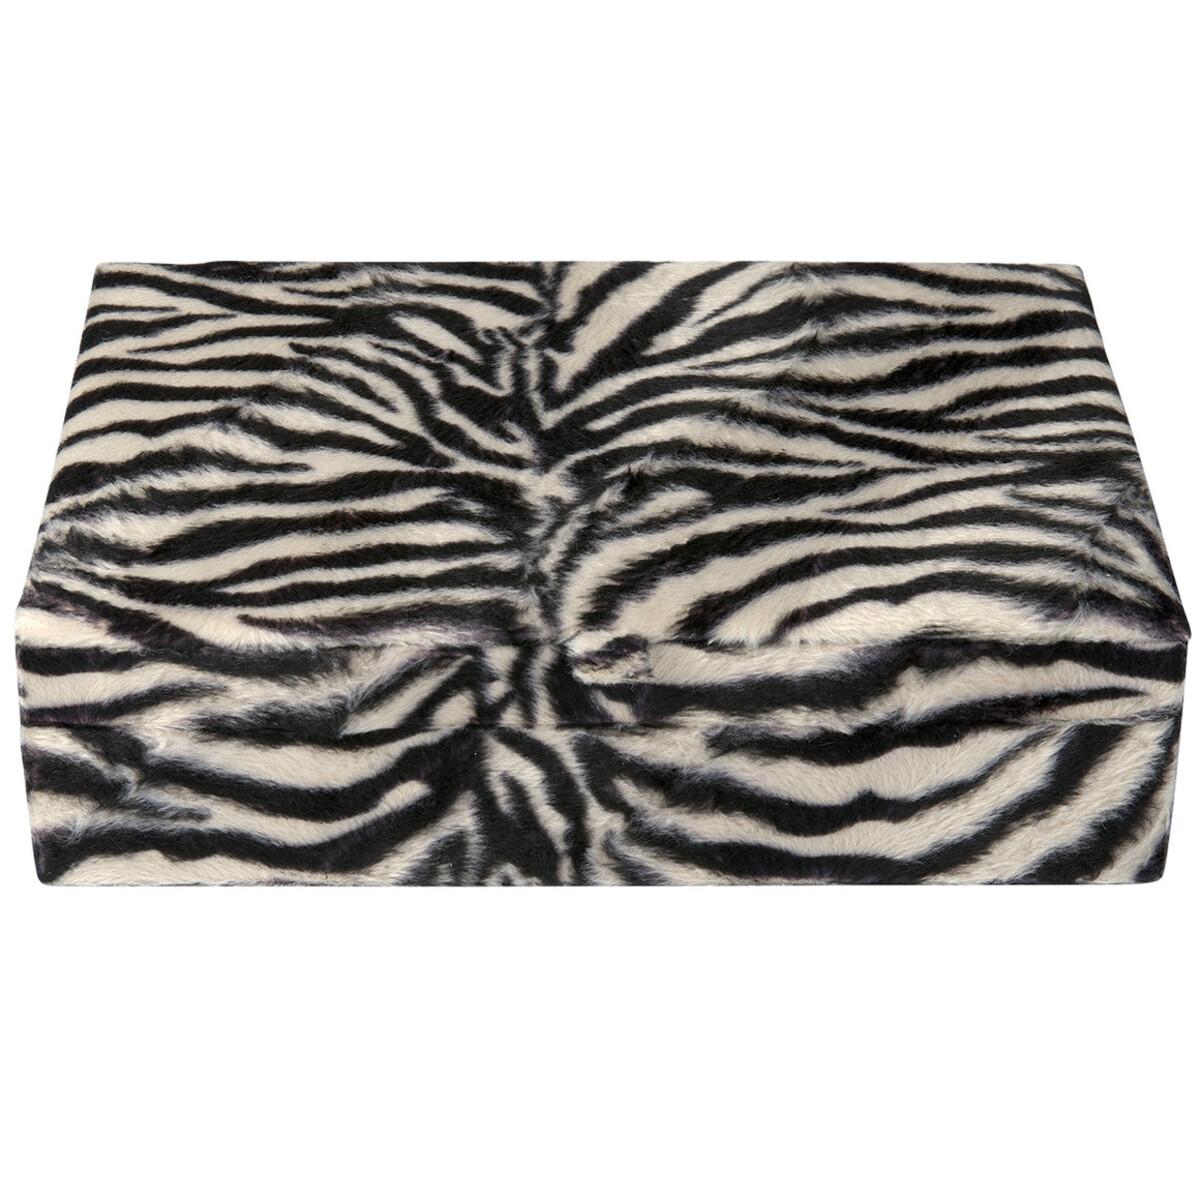 Bild 4 von Schmuckbox im Zebra-Look